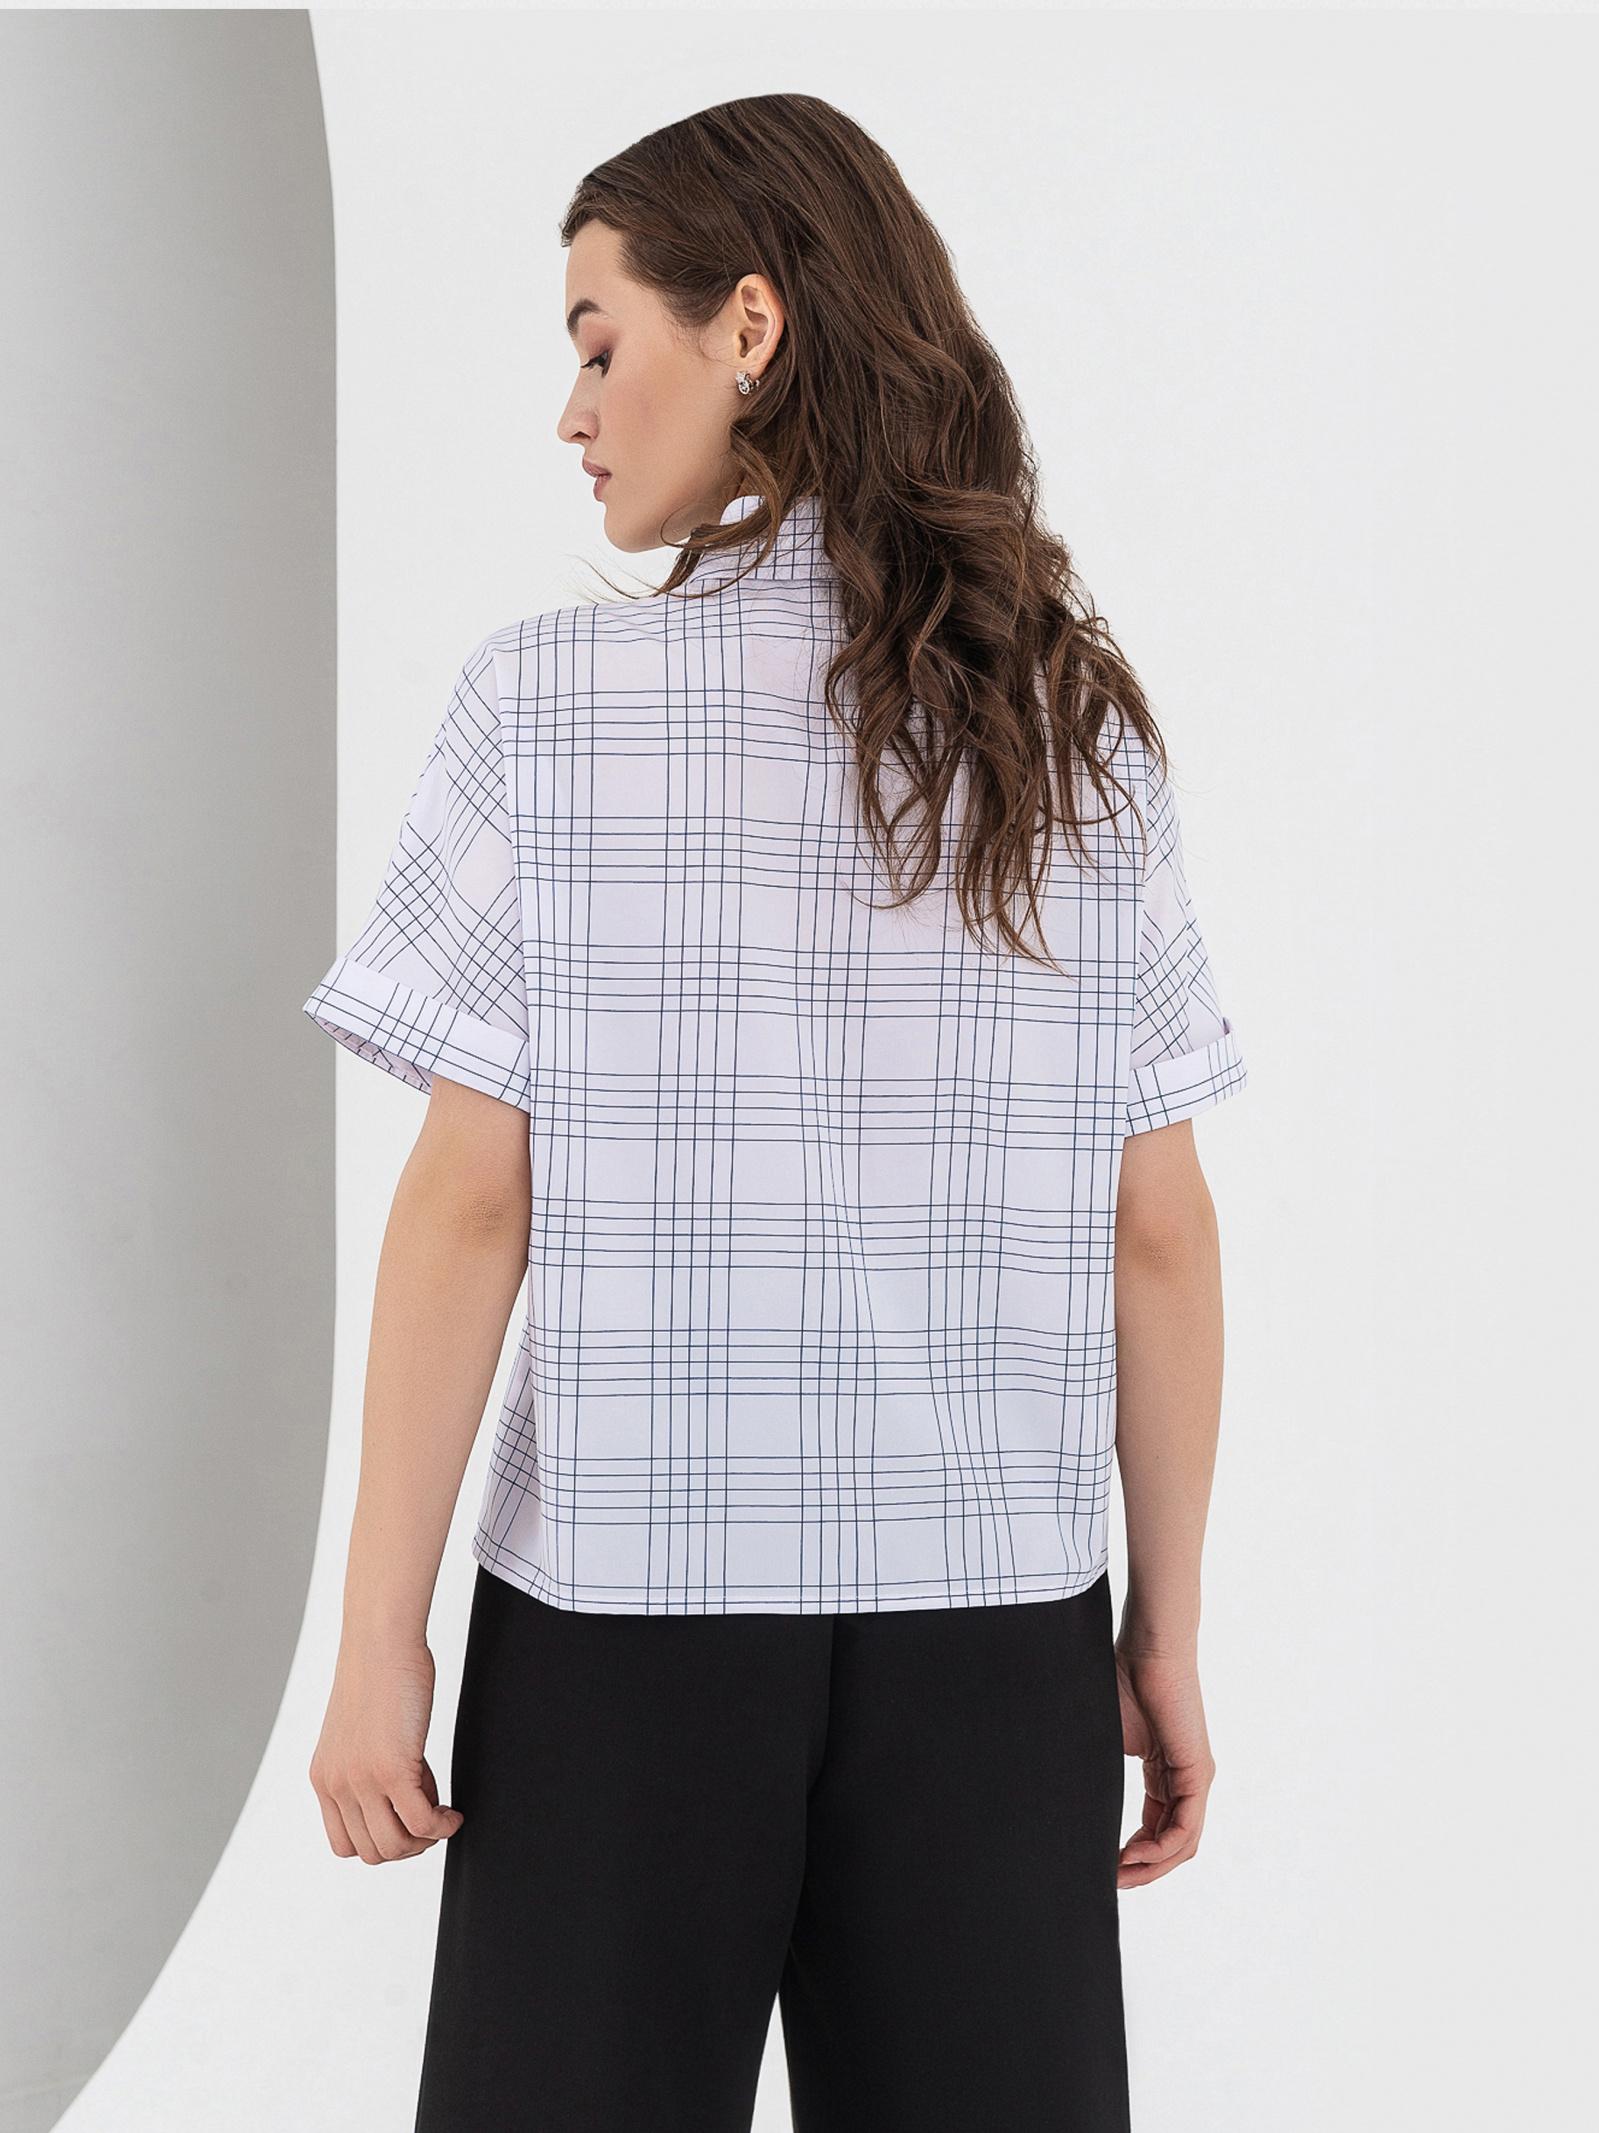 VOVK Блуза жіночі модель 05823 клітинка якість, 2017